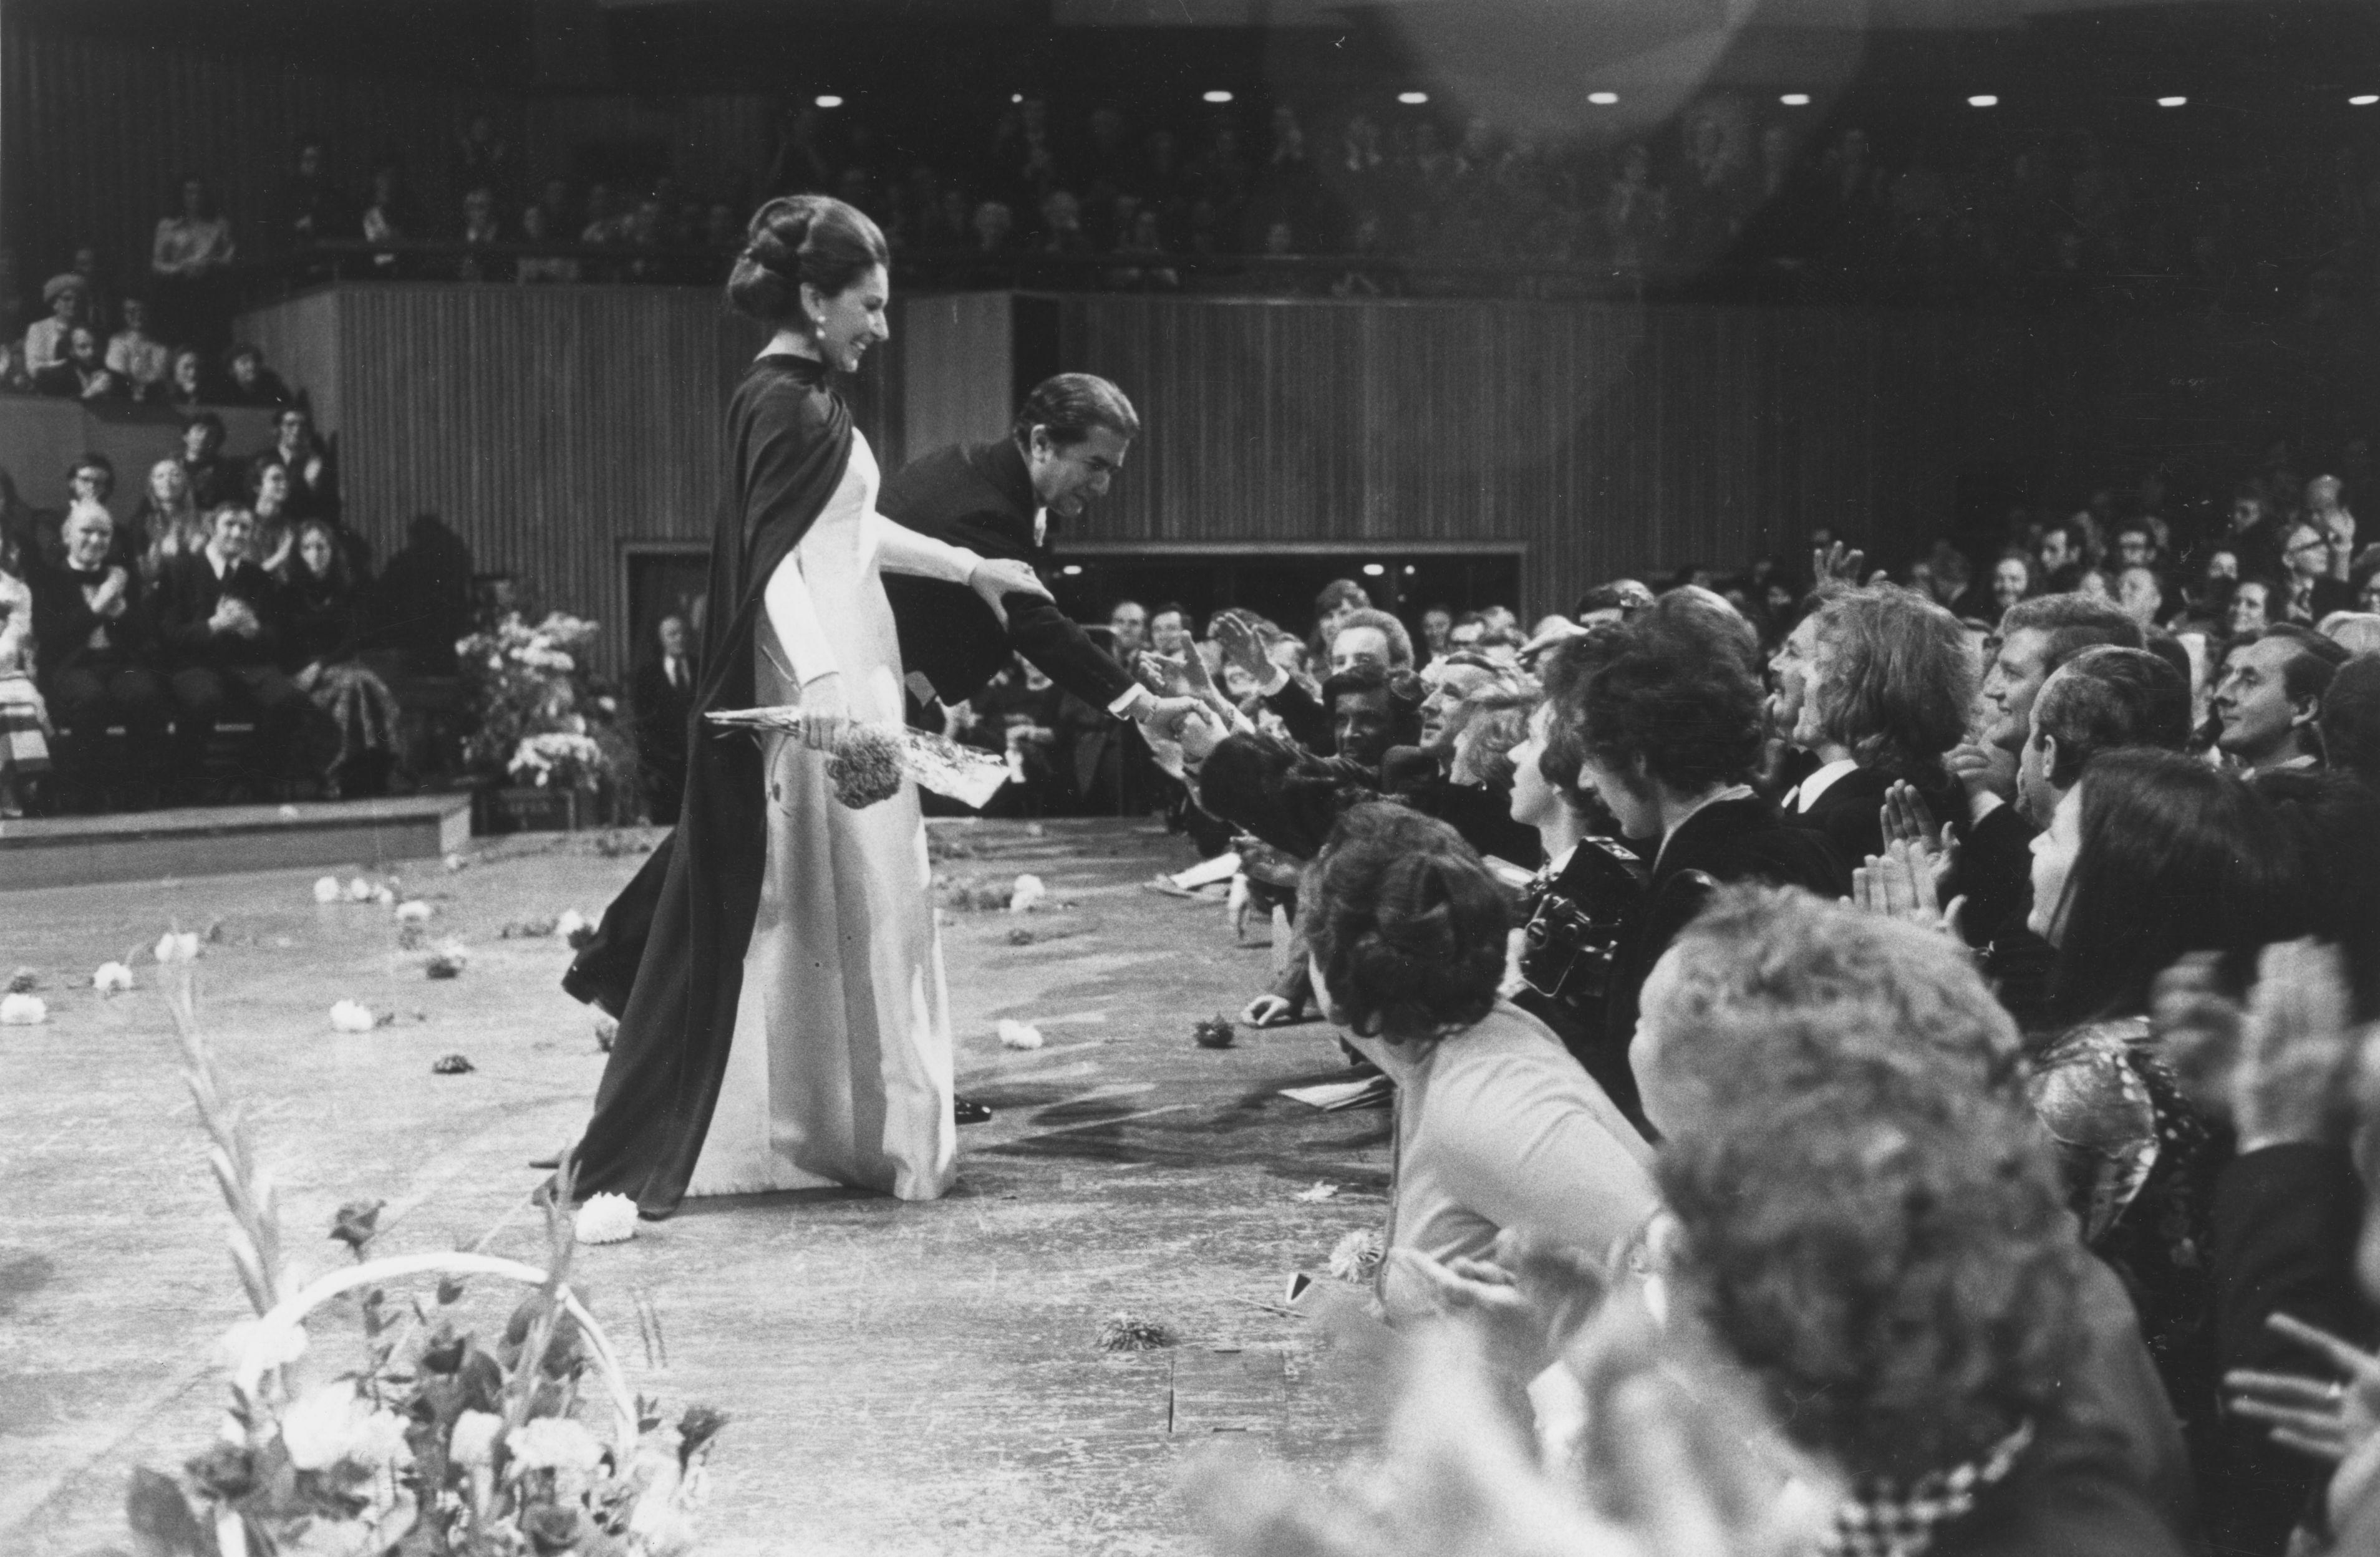 <p>Калас дебютира в Кралската опера в Лондон през 1952 г. Певицата нарича отношенията си с лондонската публика &bdquo;любовна афера&ldquo; и се завръща на сцената там още 6 пъти.</p>